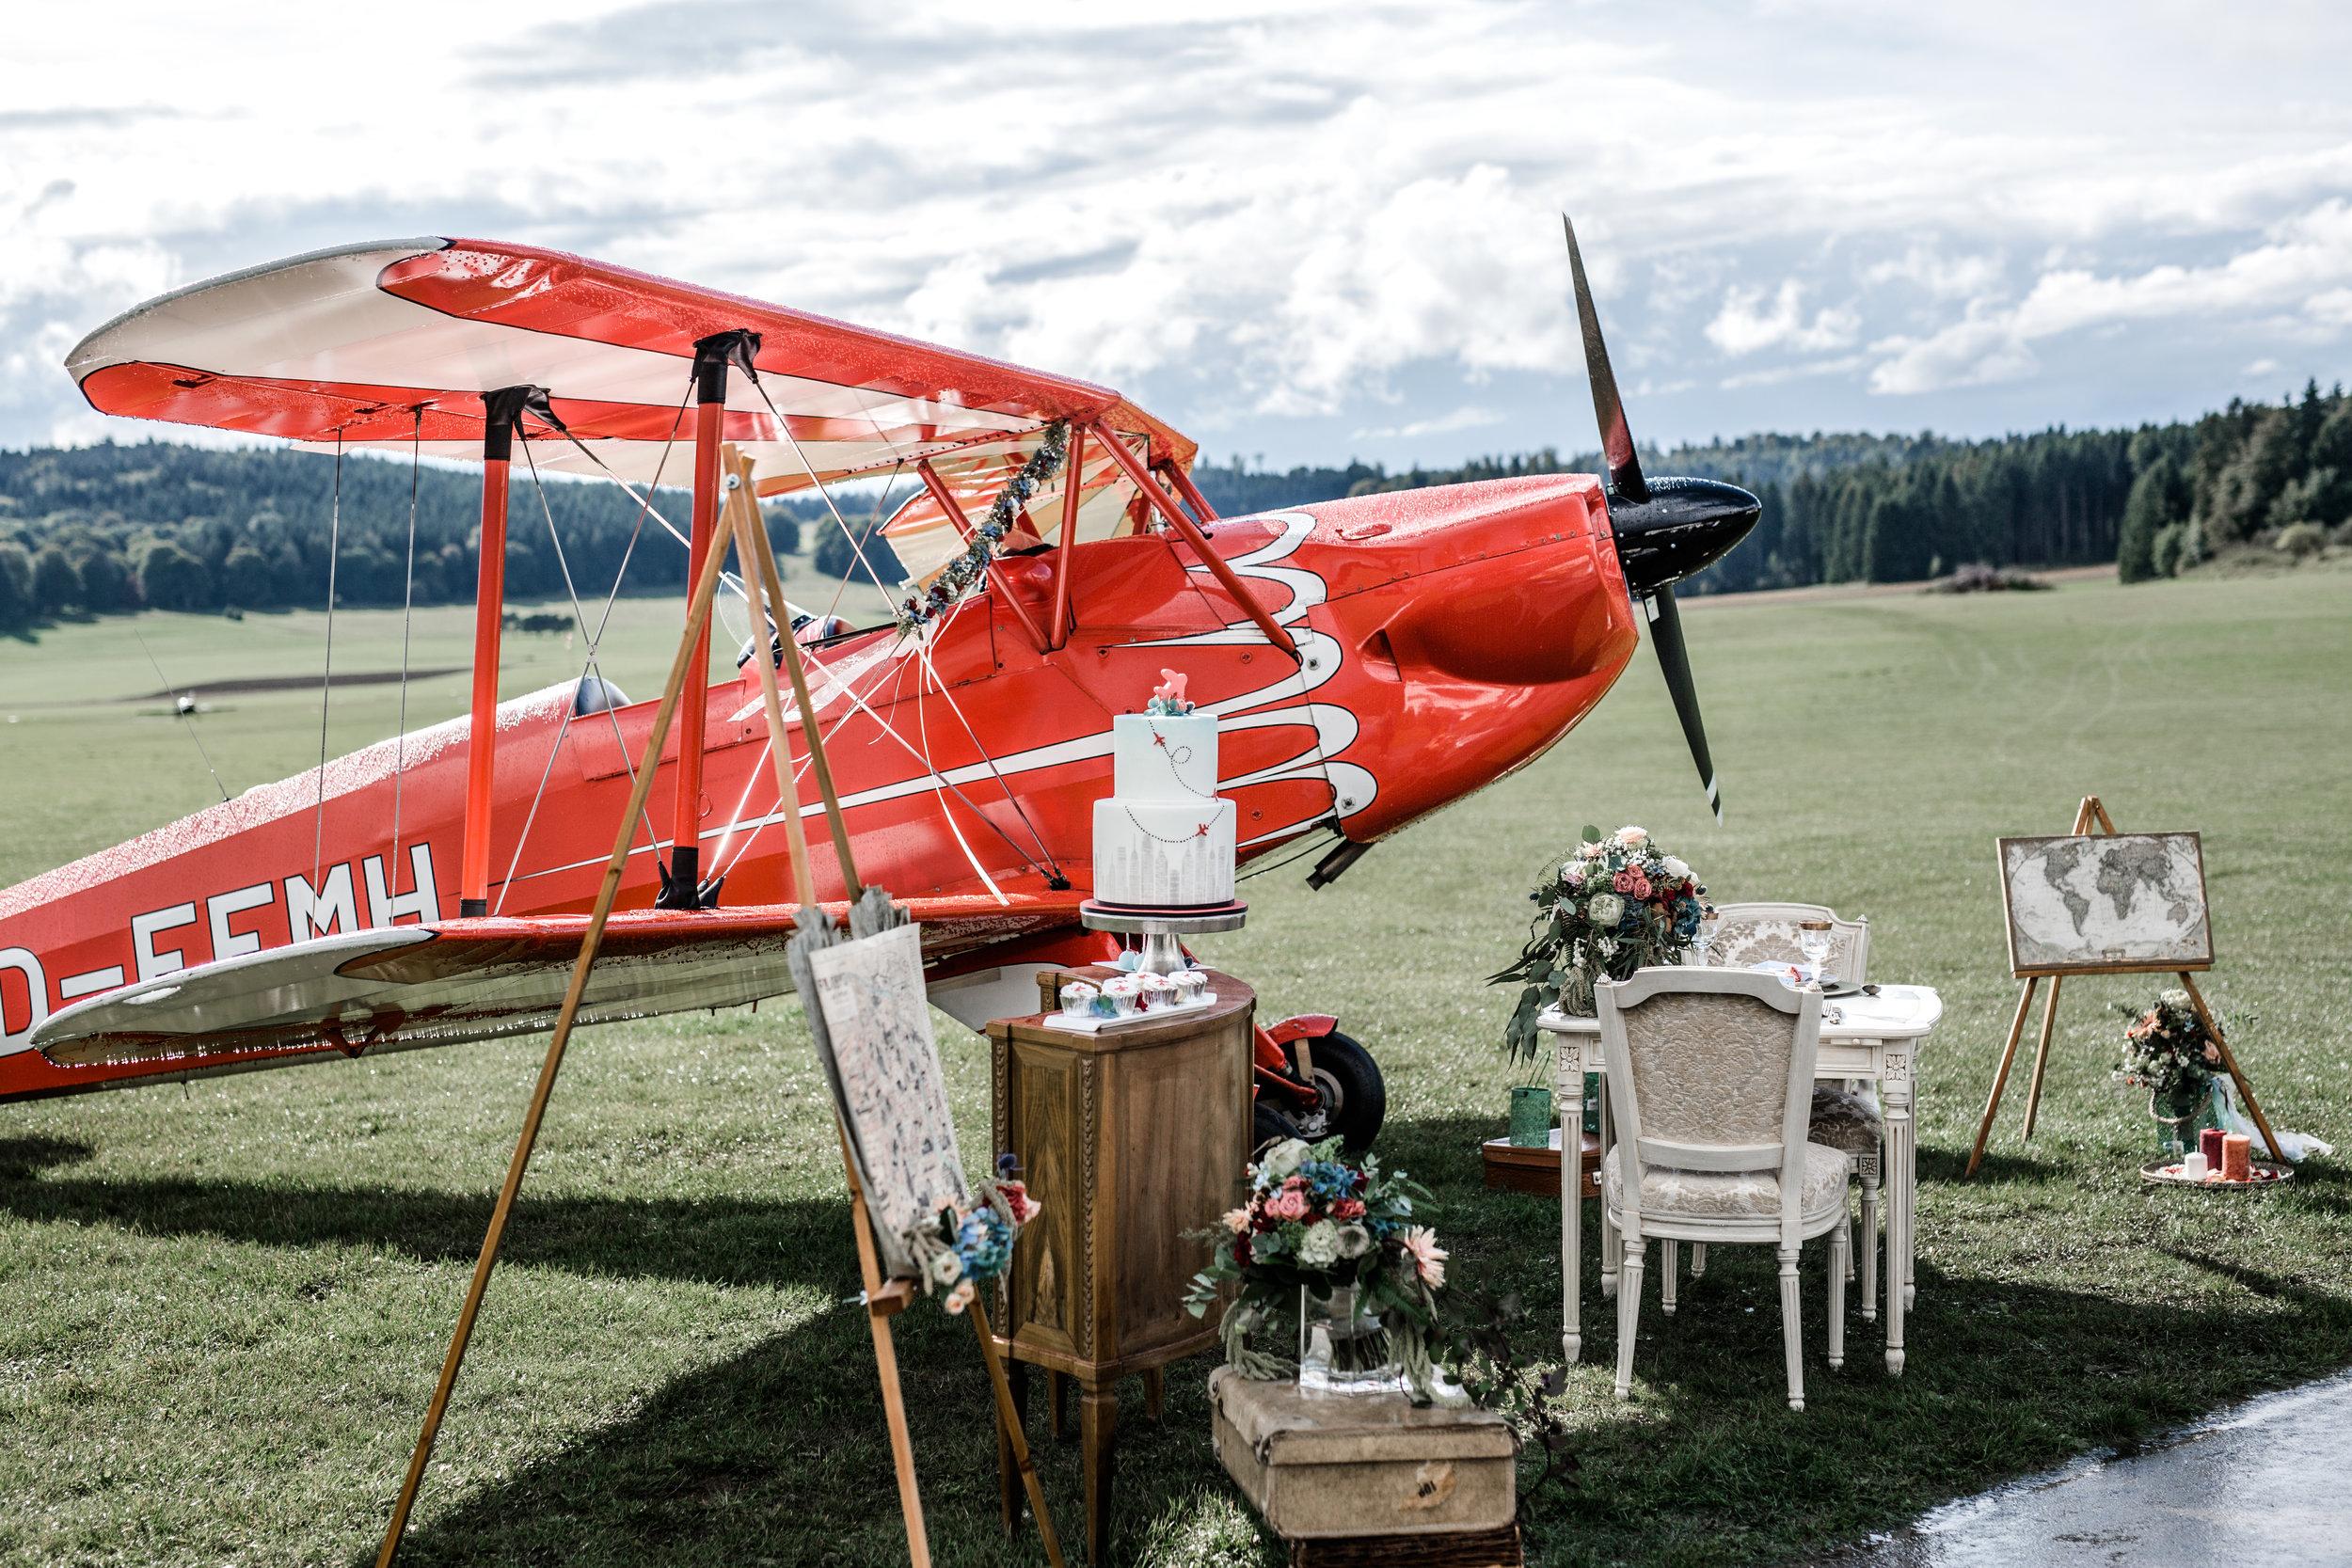 Flugplatz_Hochzeit-11.JPG